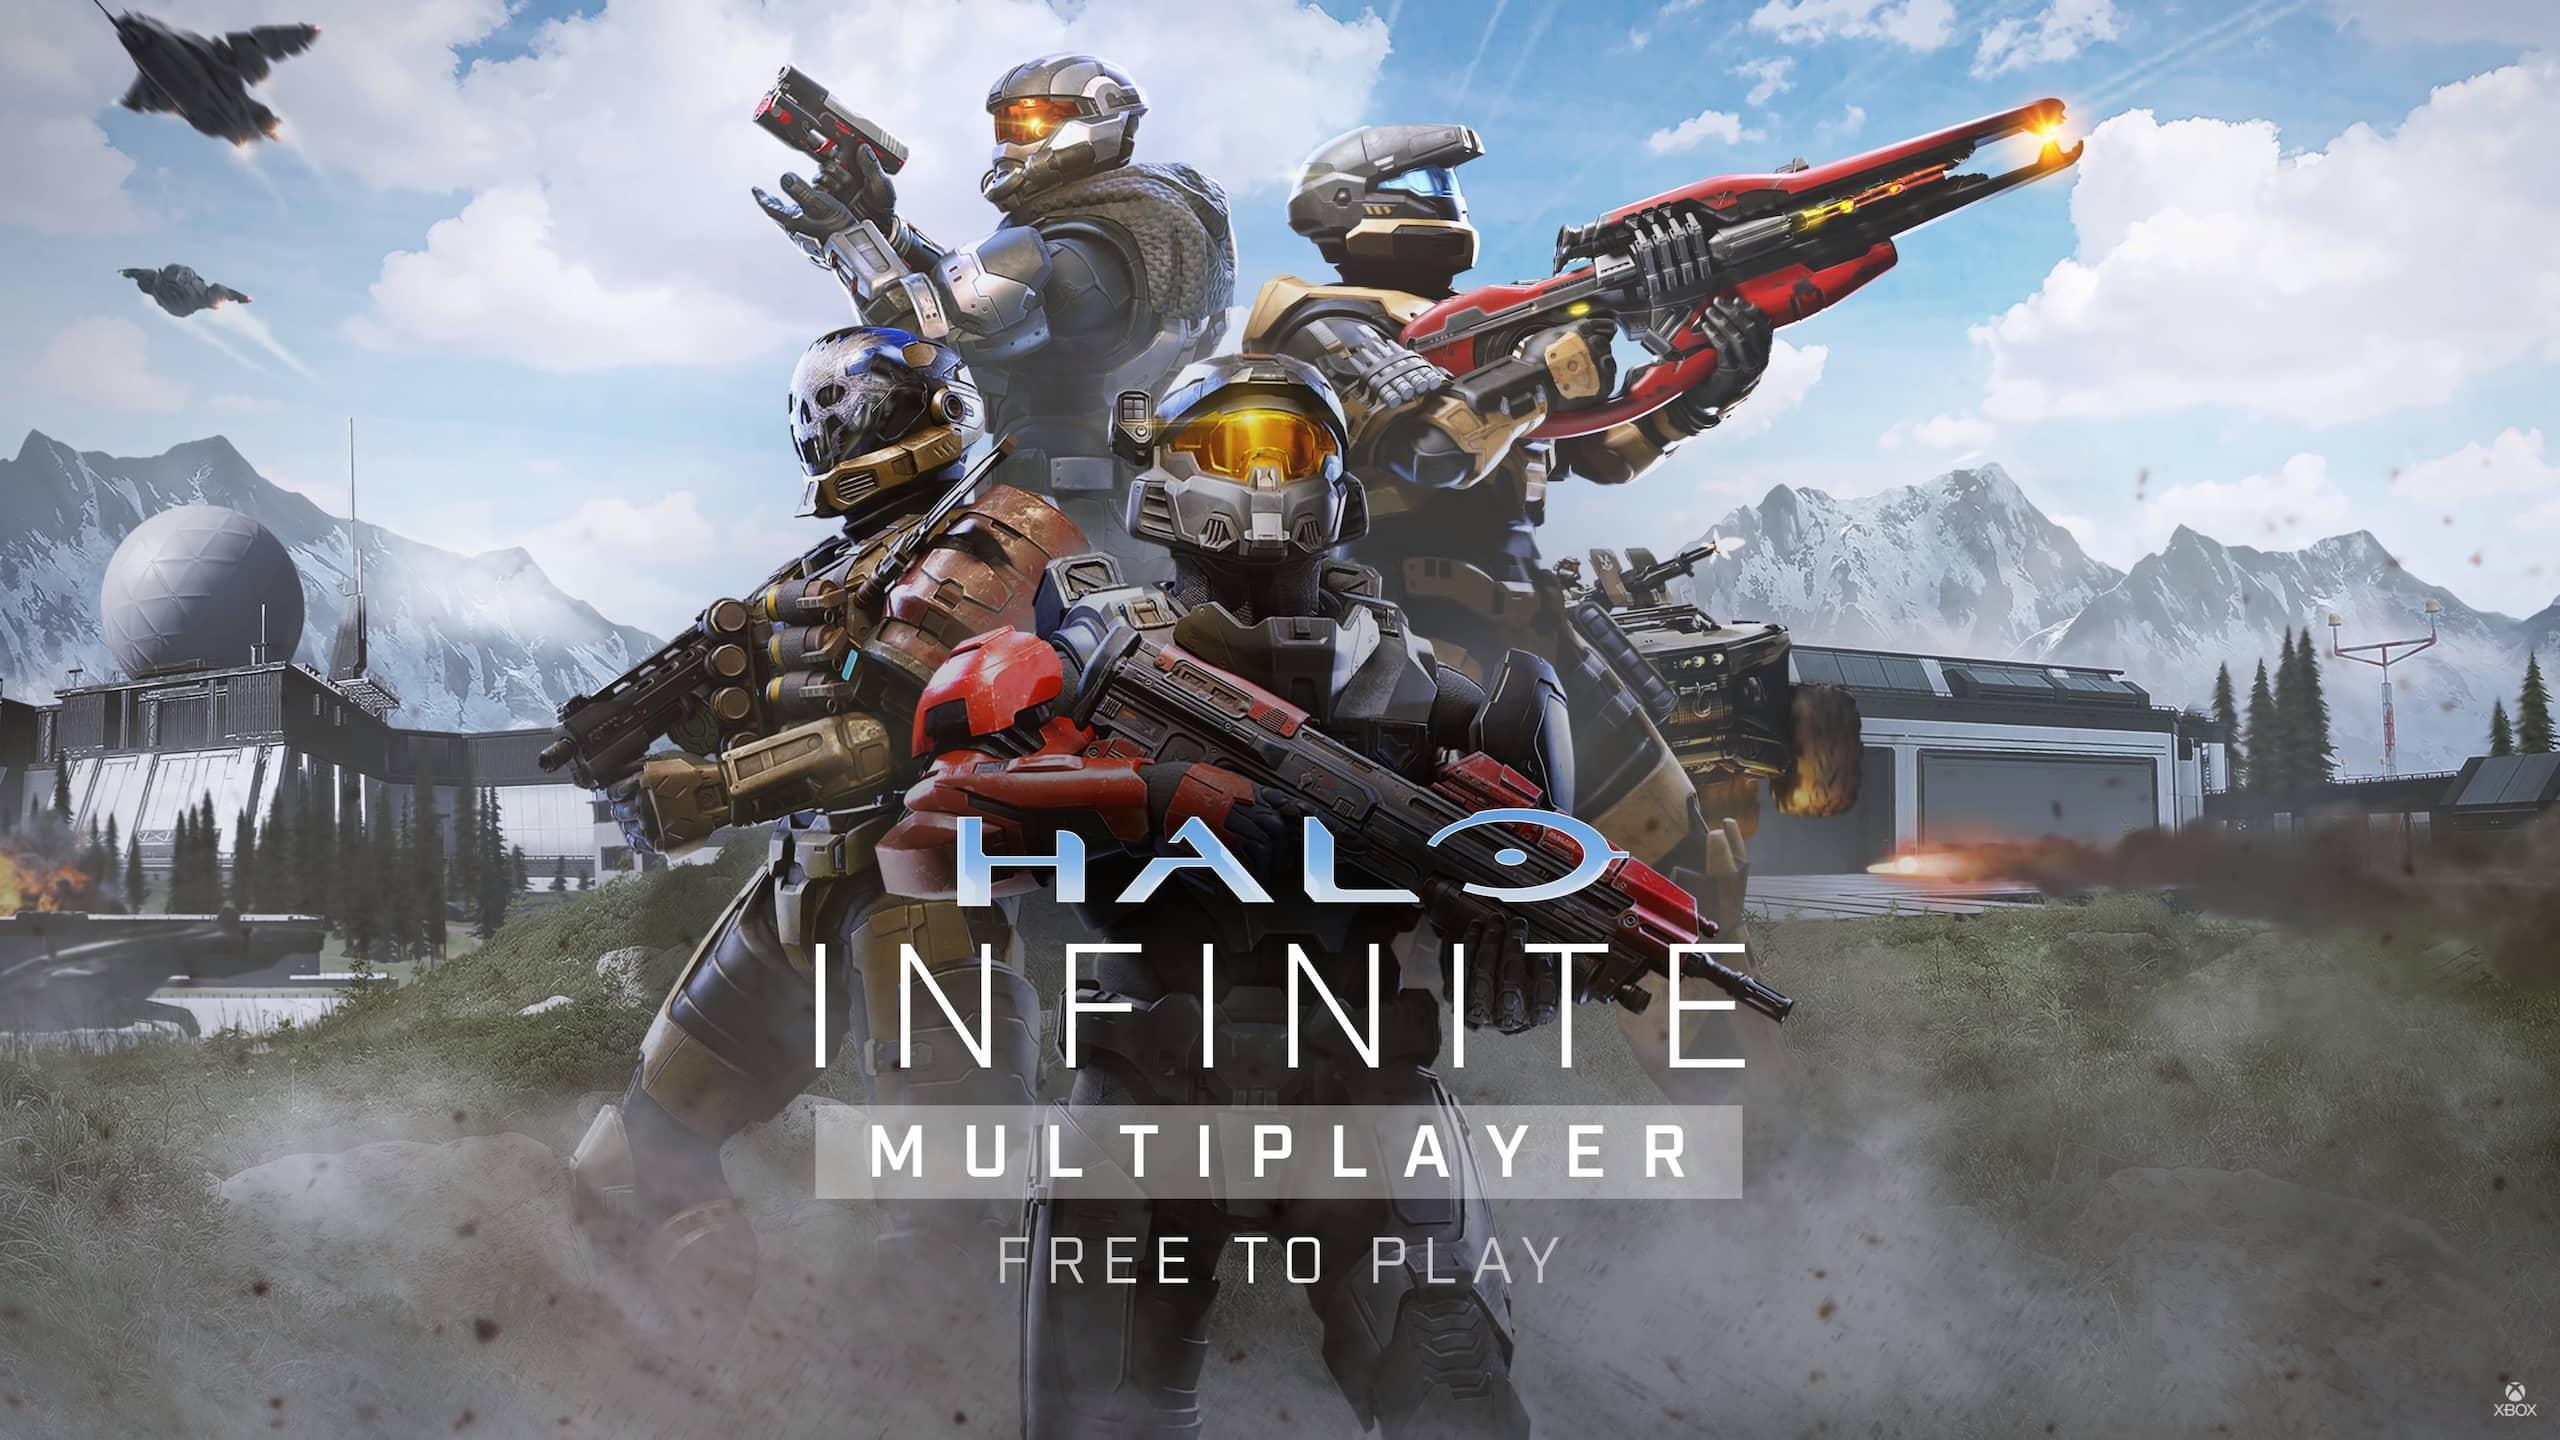 detalles del multijugador de Halo Infinite